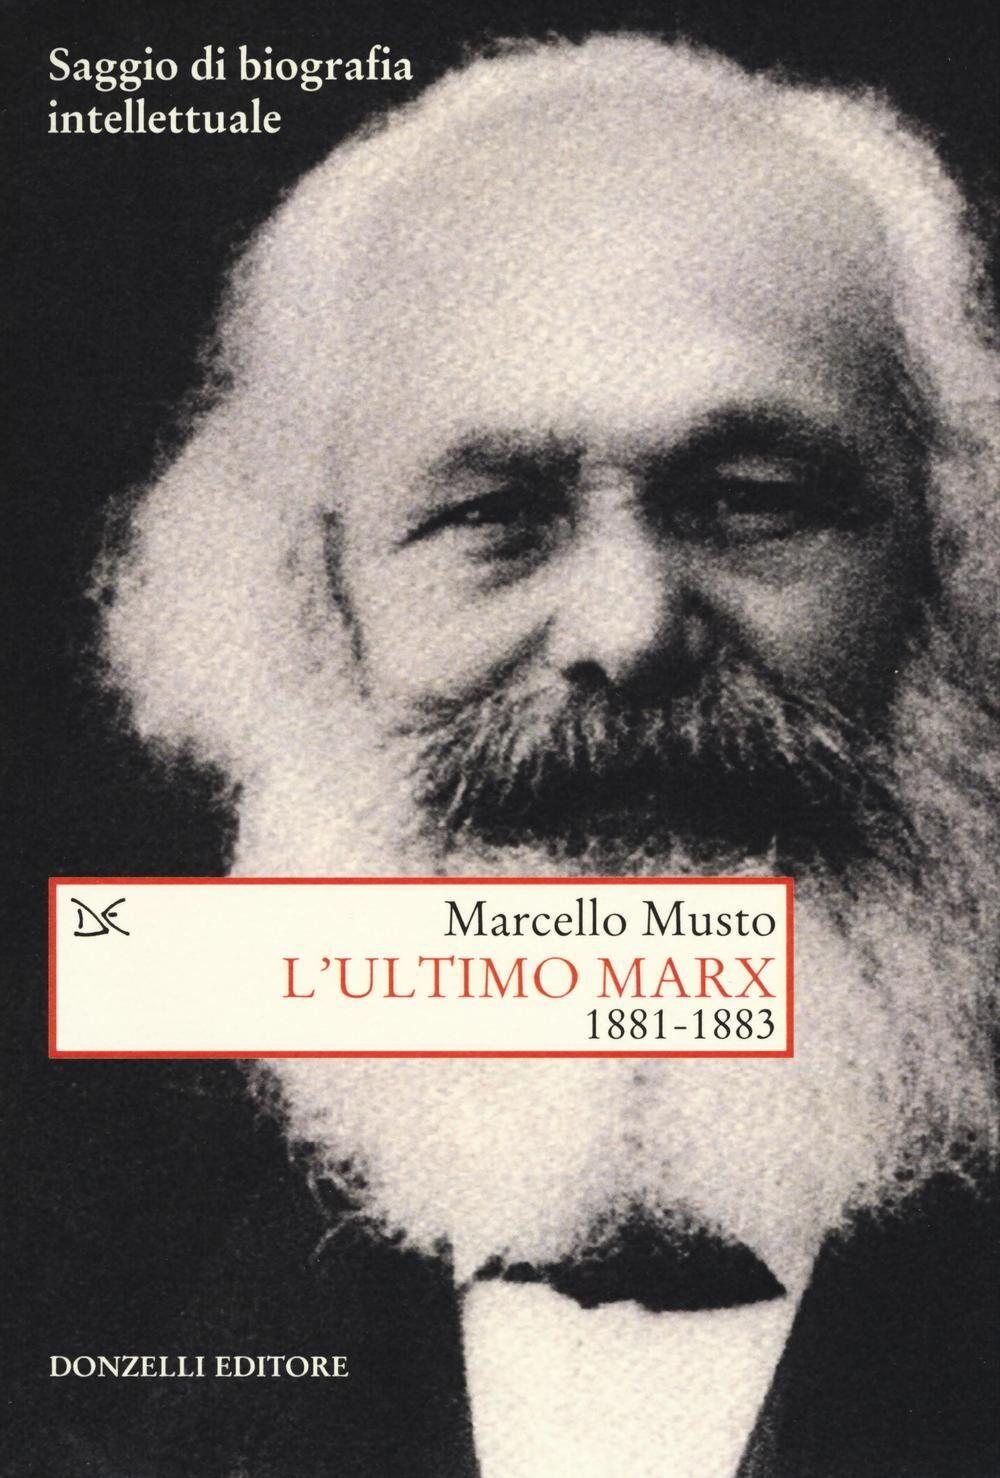 L' ultimo Marx 1881-1883. Saggio di biografia intellettuale